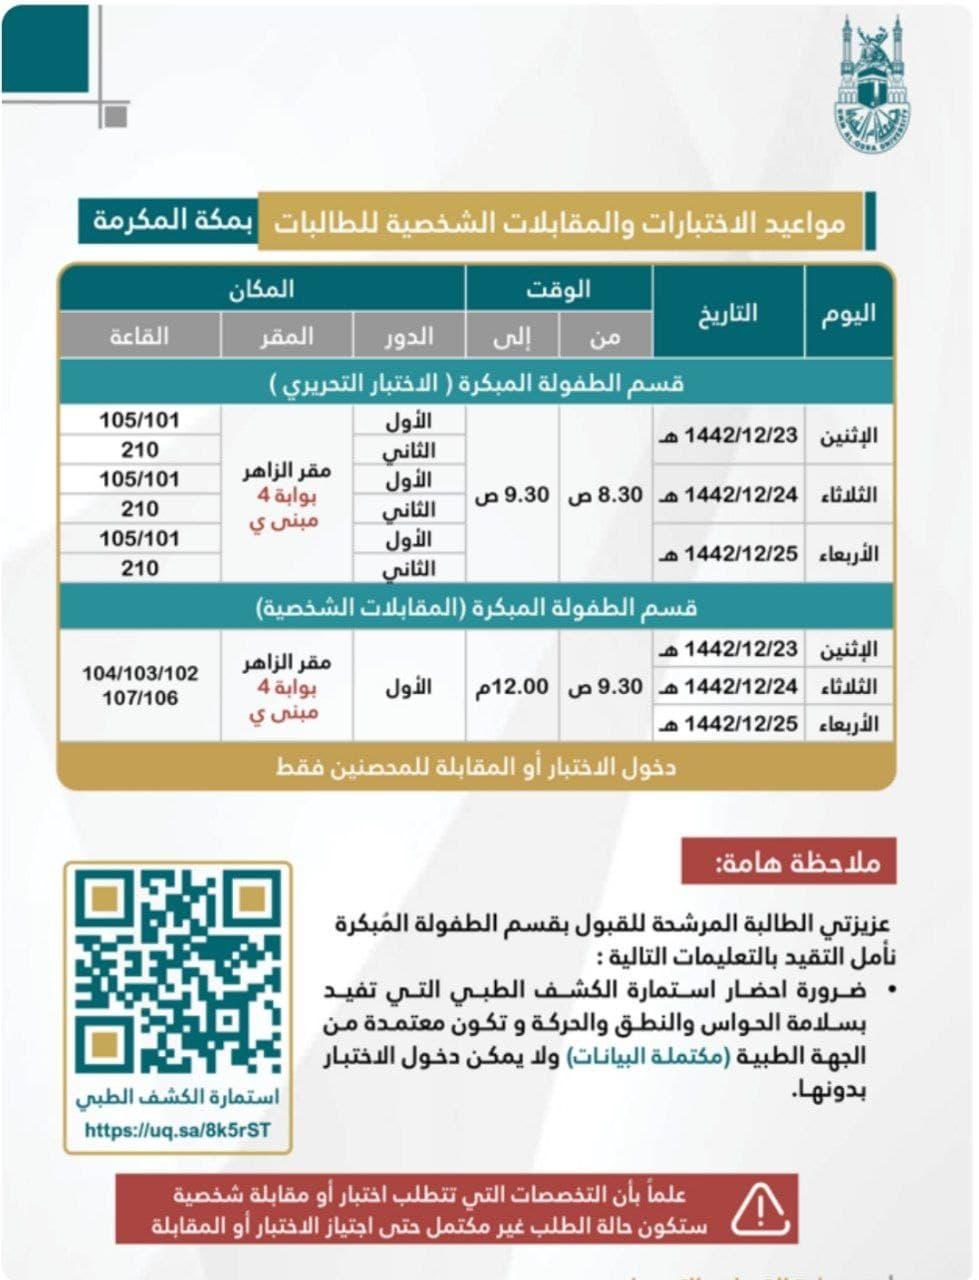 جامعة أم القرى السعودية تكشف شروط التقديم على برنامج البكلوريوس وموعد التسجيل